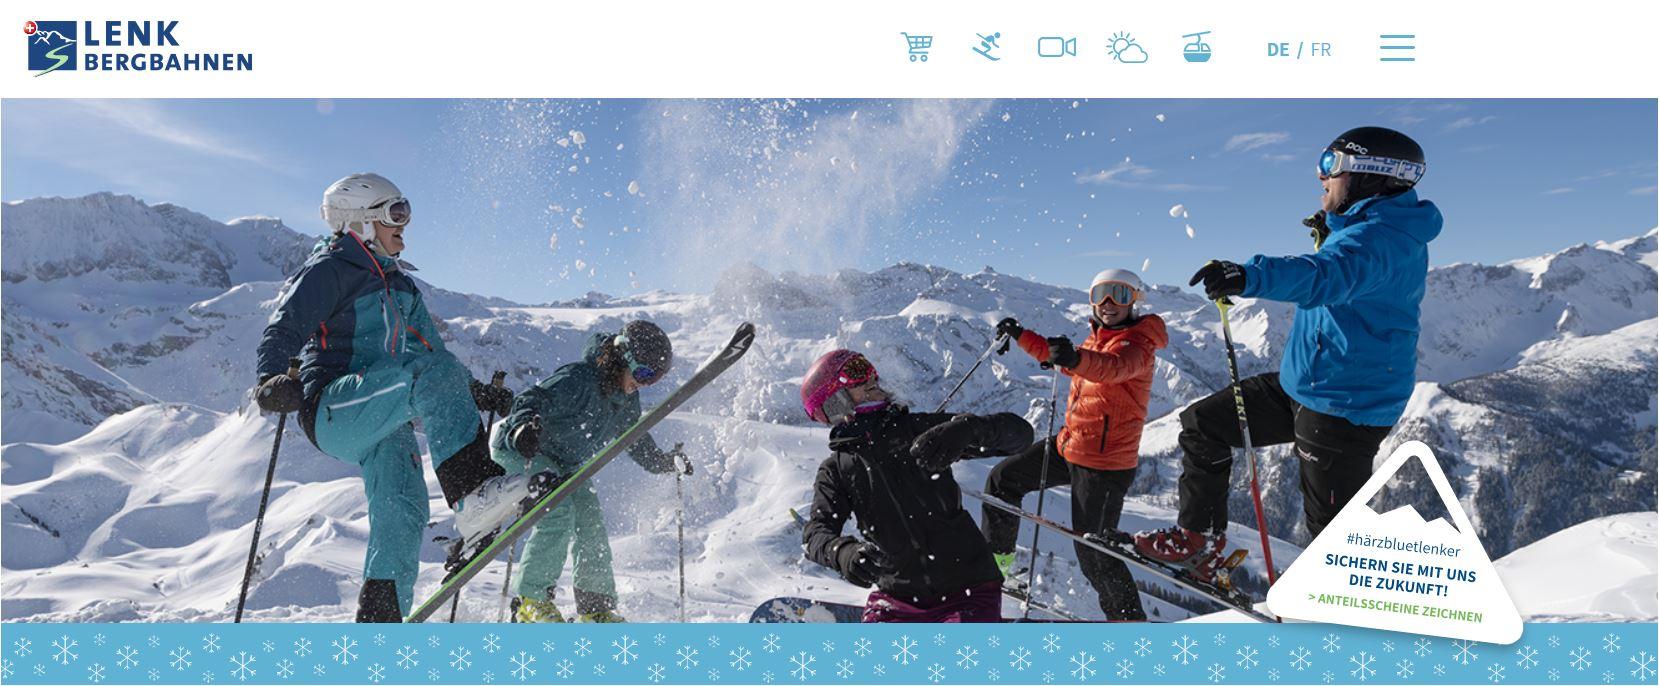 grosses skigebiet schweiz